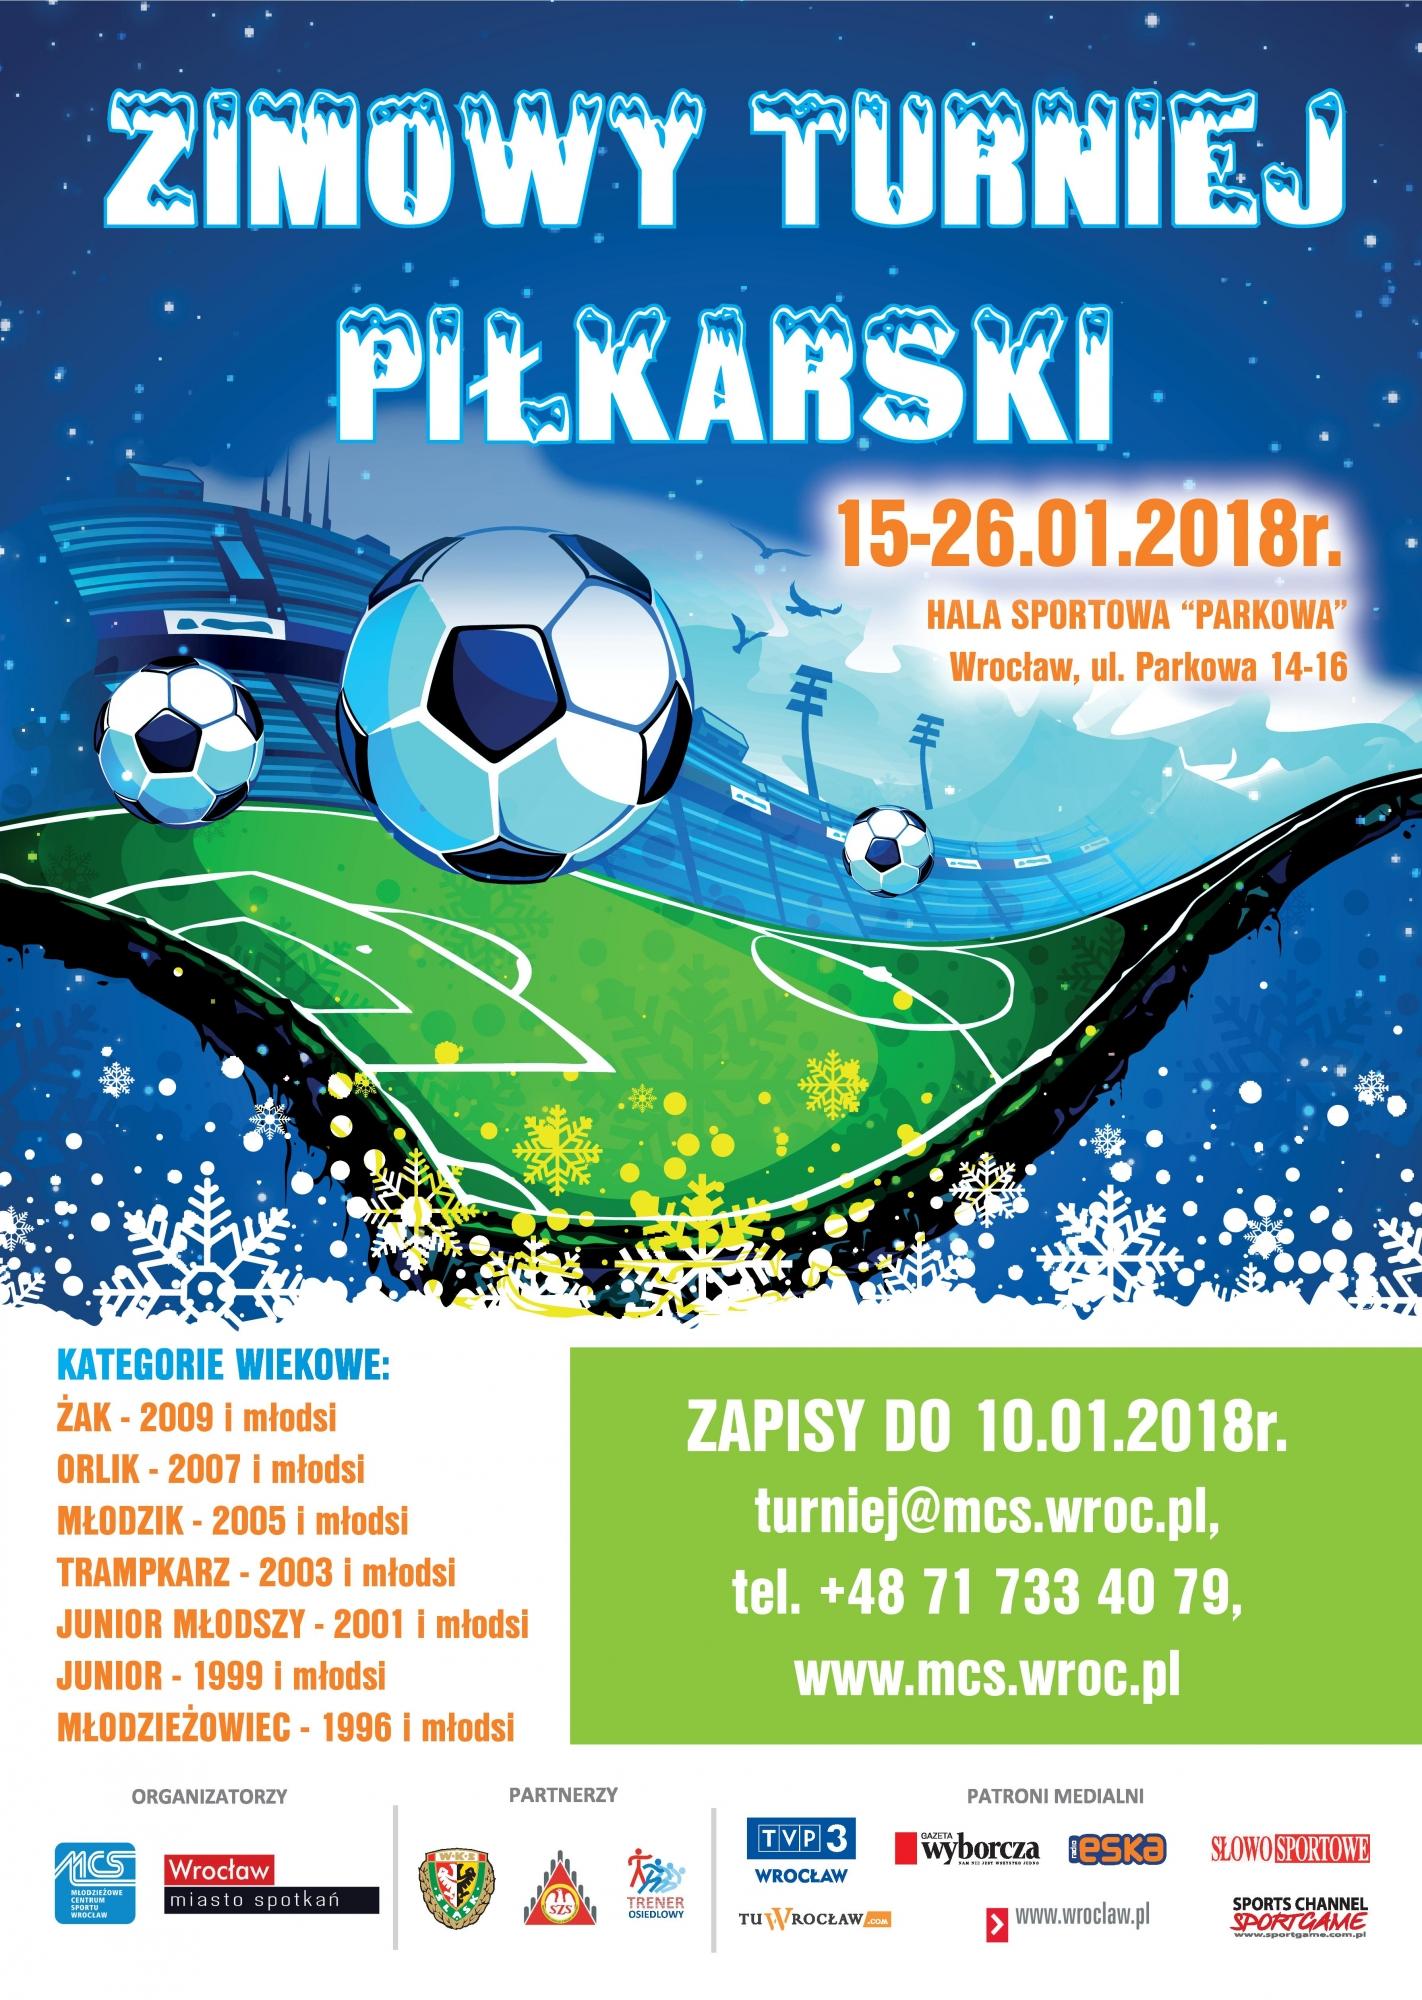 """859c21fba ... sportowe – Zimowy Turniej Piłkarski 2018"""". Informacje również na  plakacie:"""